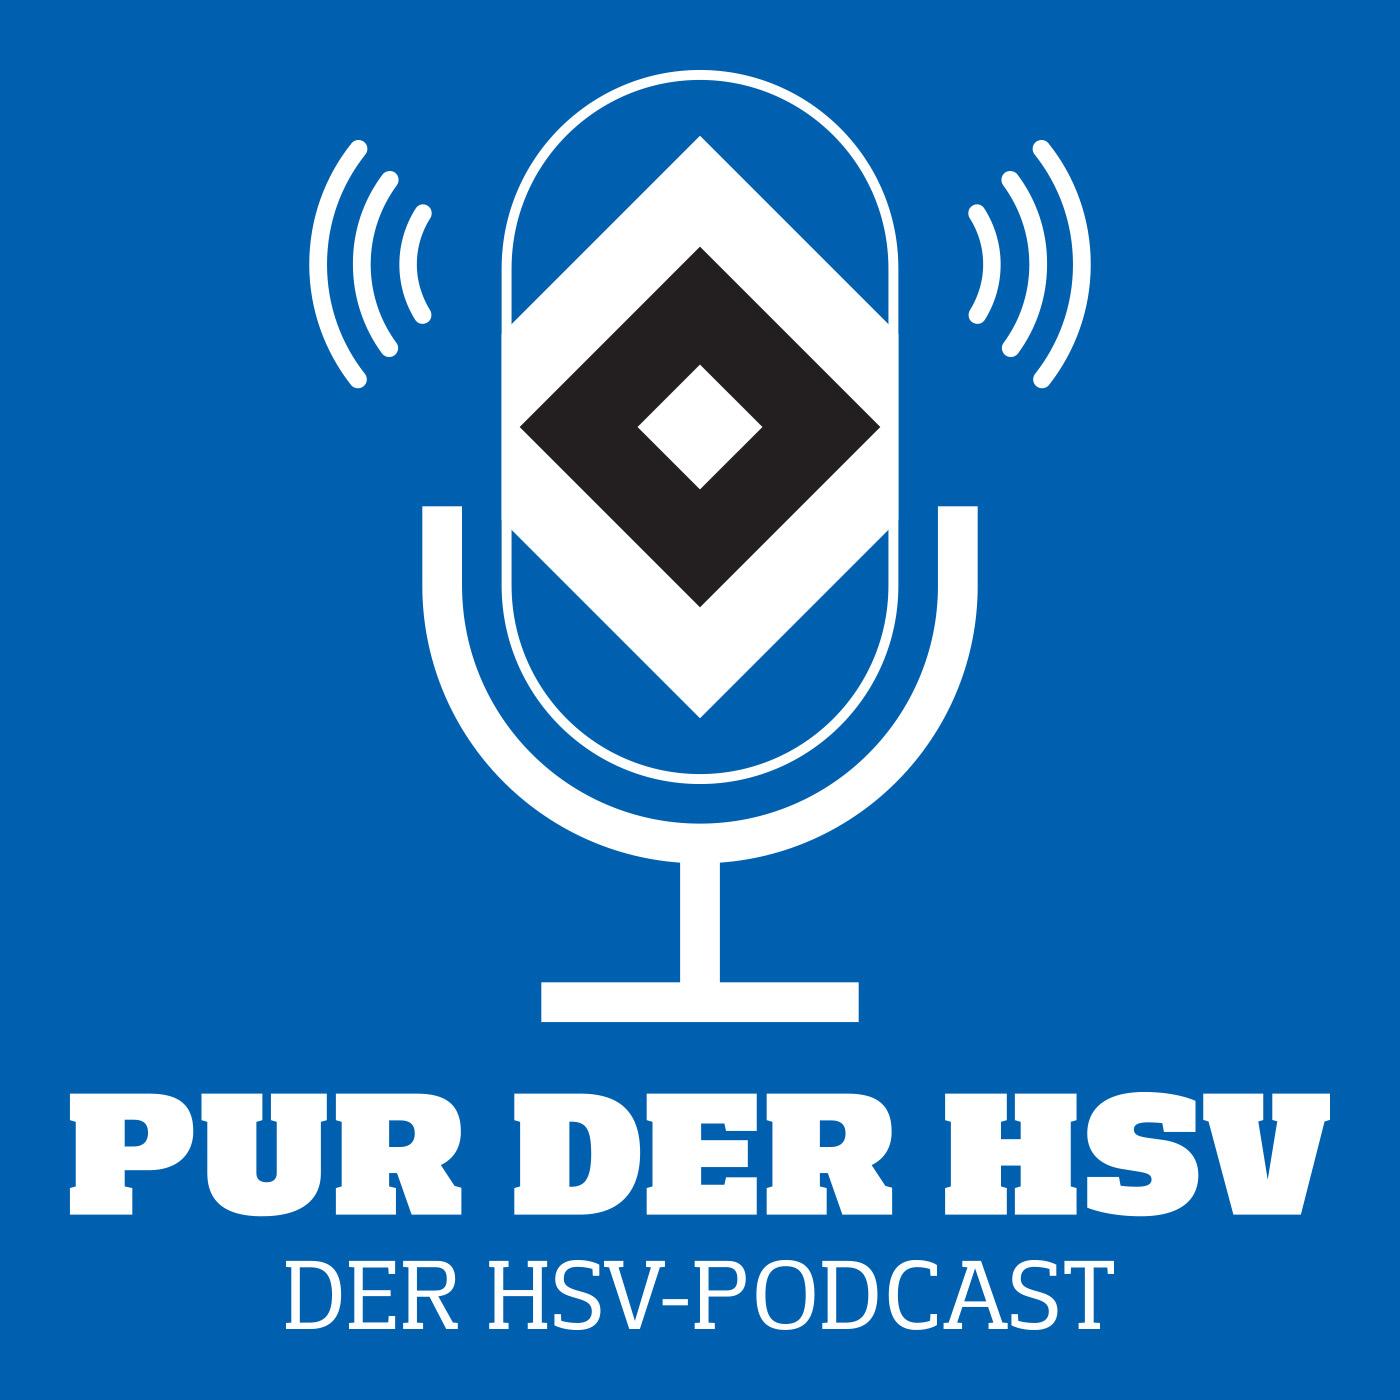 PUR DER HSV - der HSV-Podcast | #9 | DANIEL THIOUNE